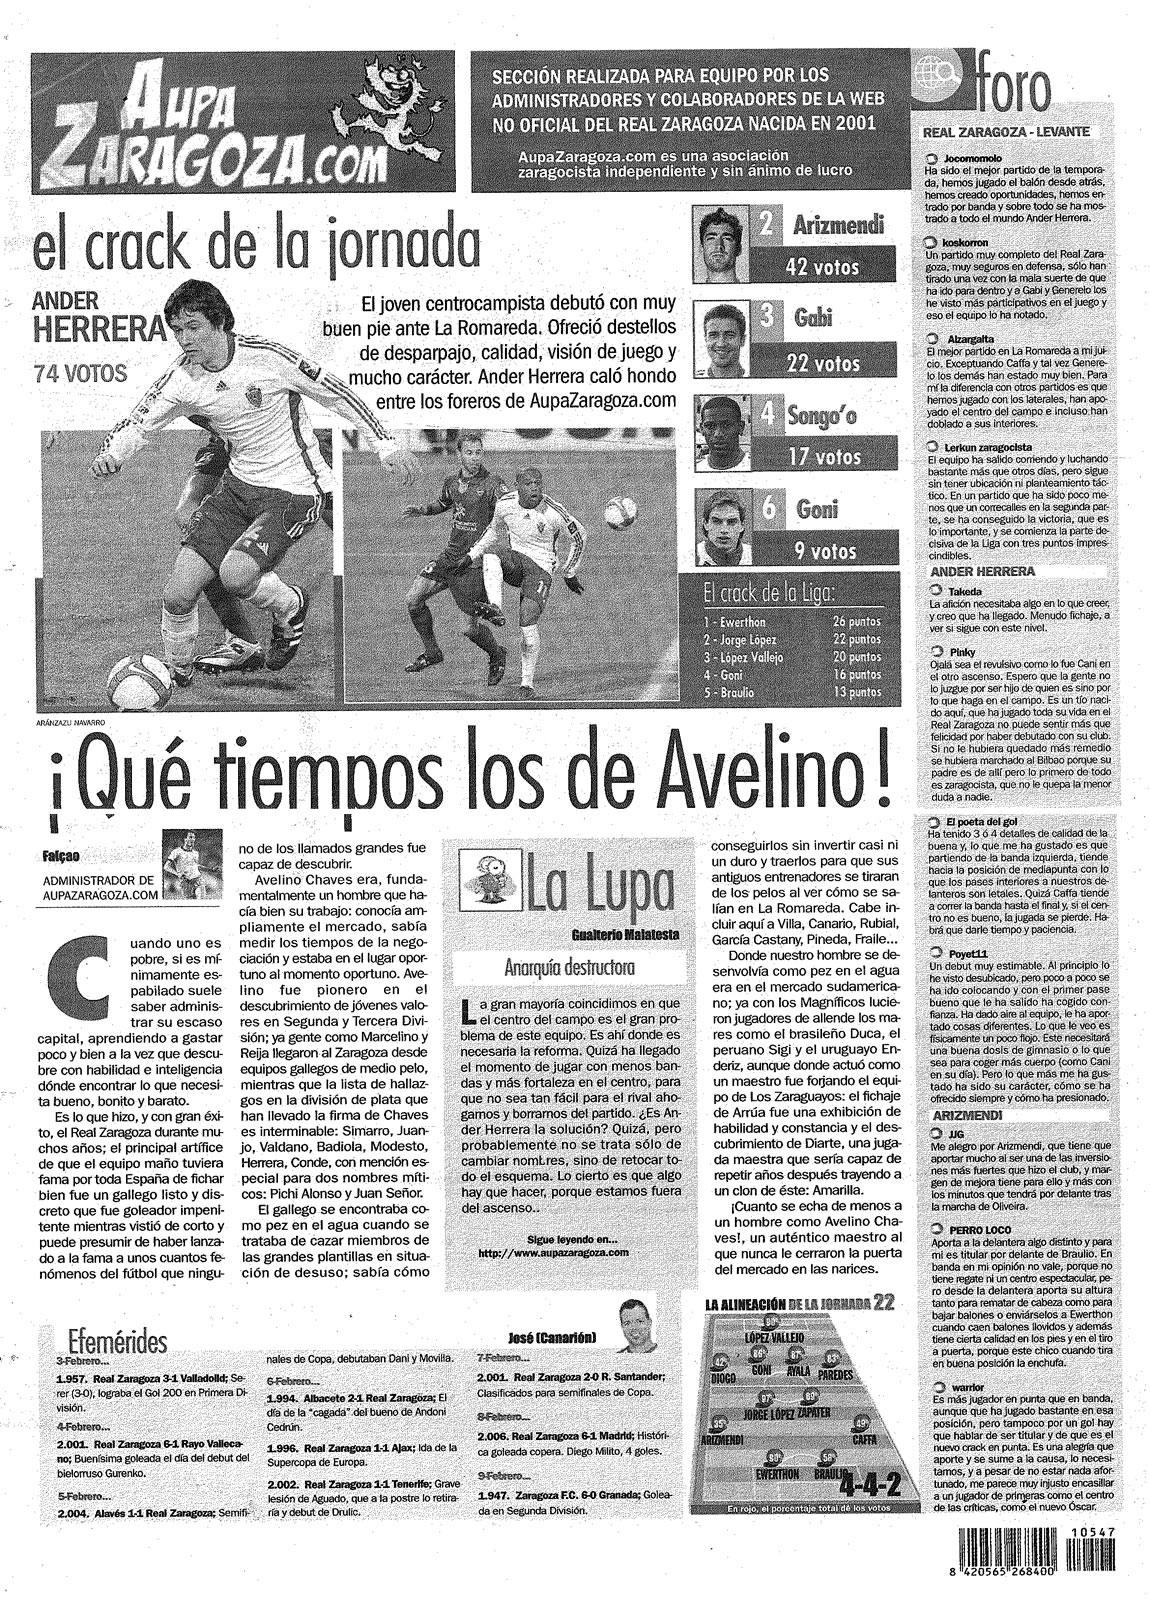 AZEquipo.09-02-03